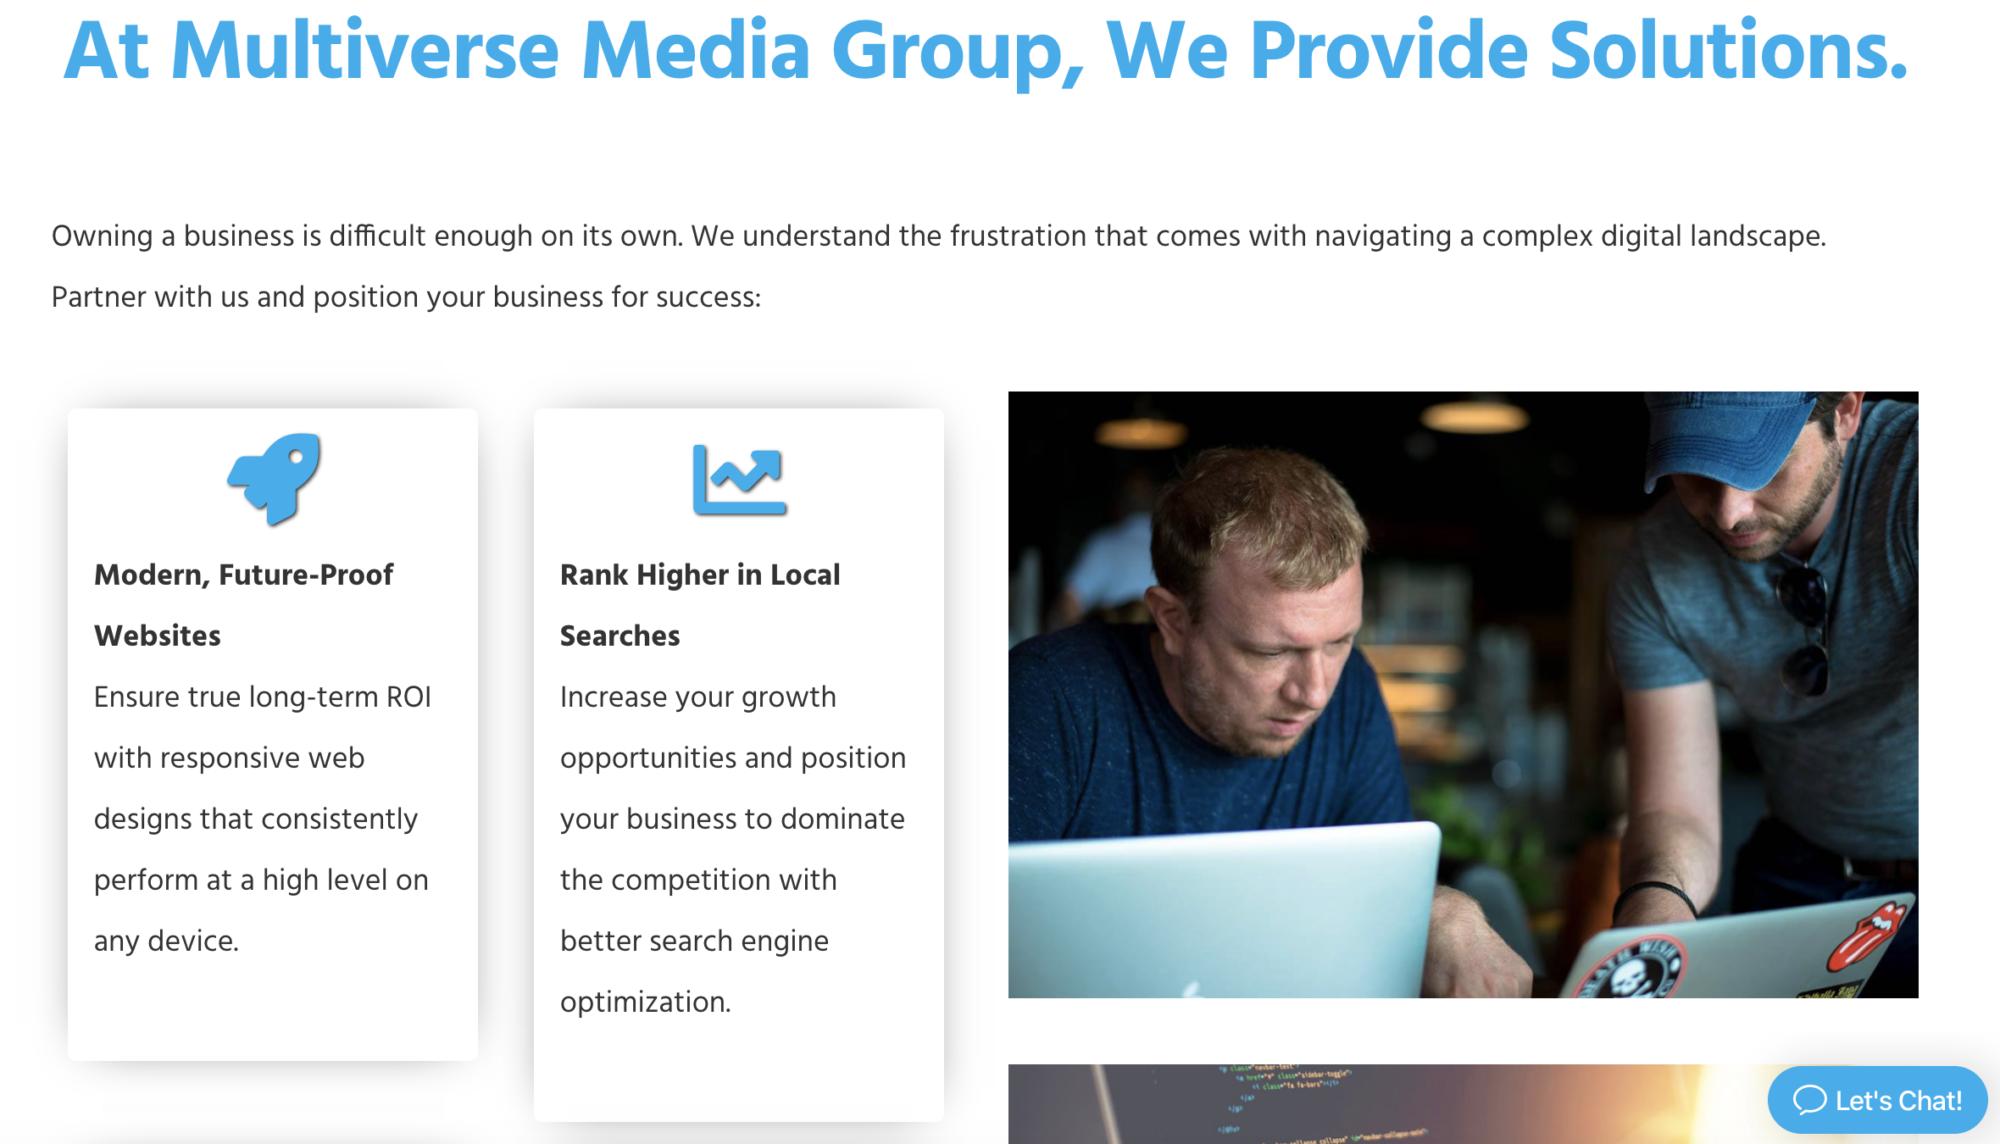 Marketing writing on MVMG web page